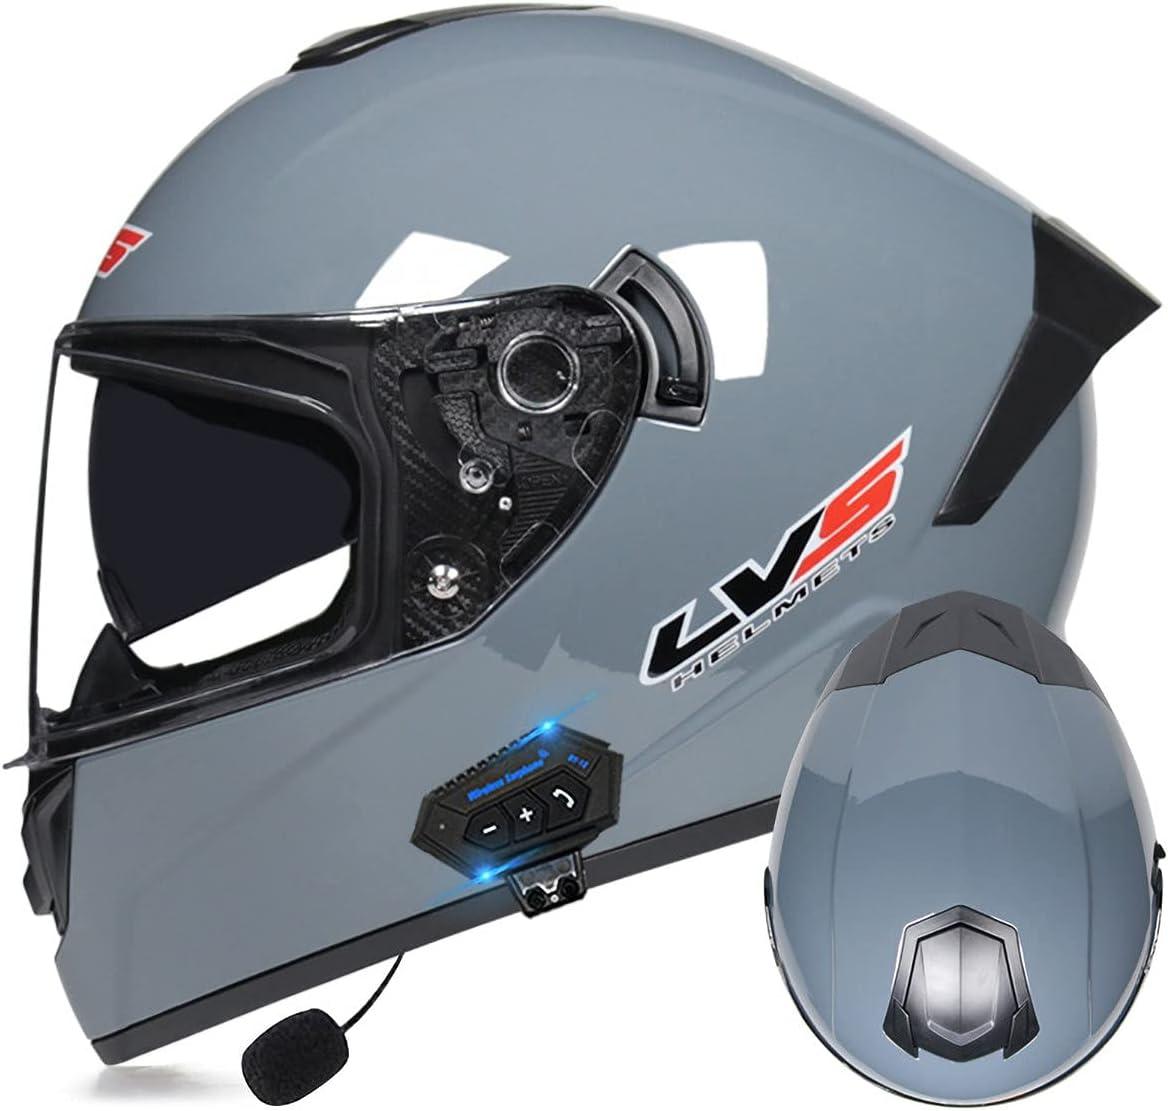 Casco De Motocicleta con Bluetooth, Casco Motocicleta Cara Completa Aprobado por ECE con Visera Antivaho Doble, Cascos Carreras Cara Completa con Altavoz Integrado